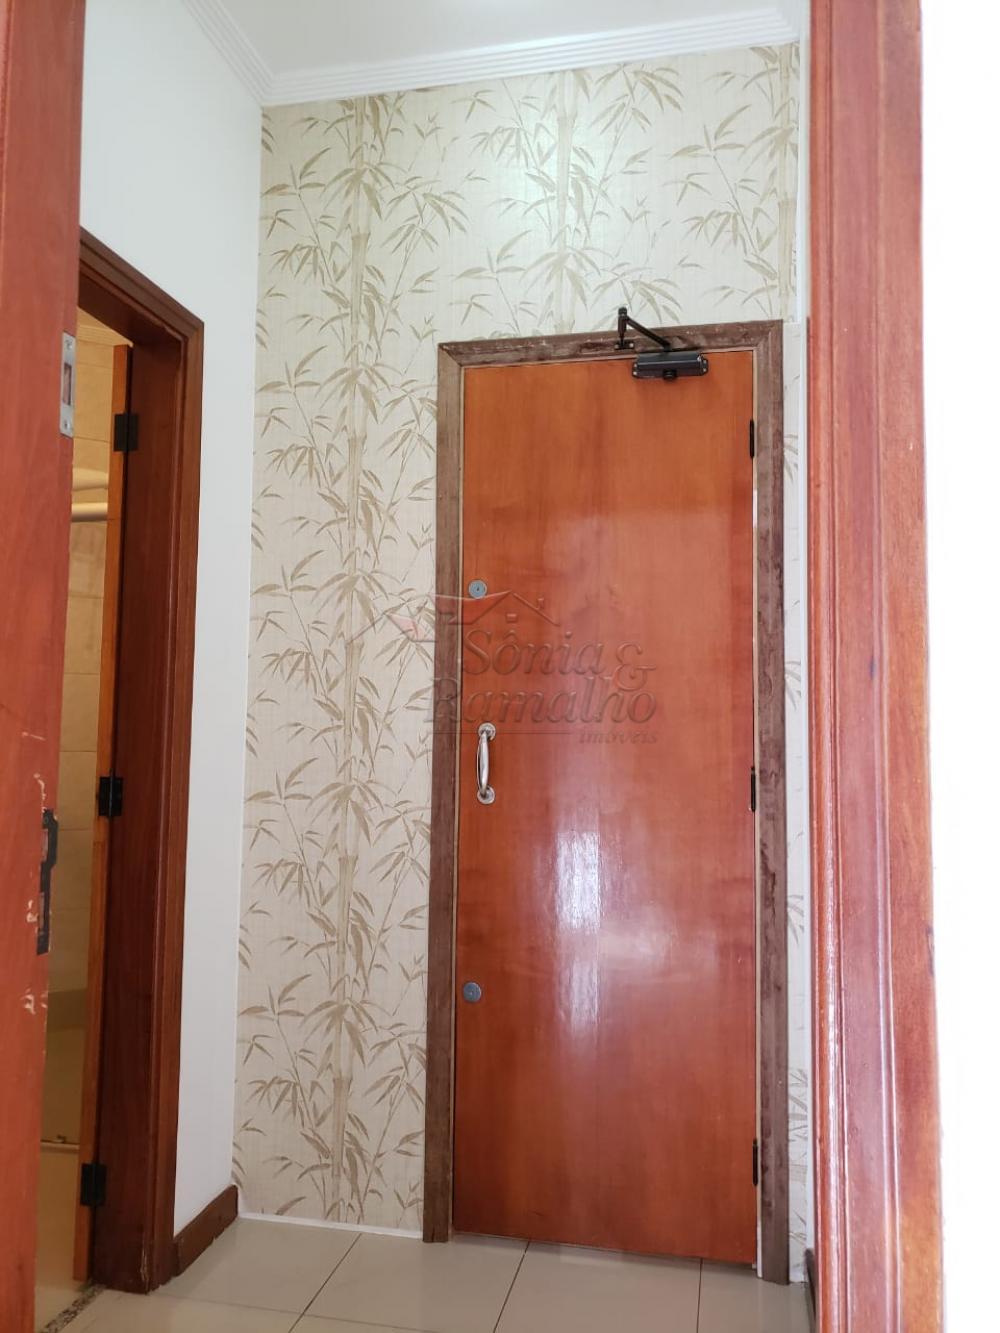 Comprar Casas / Padrão em Ribeirão Preto apenas R$ 580.000,00 - Foto 10